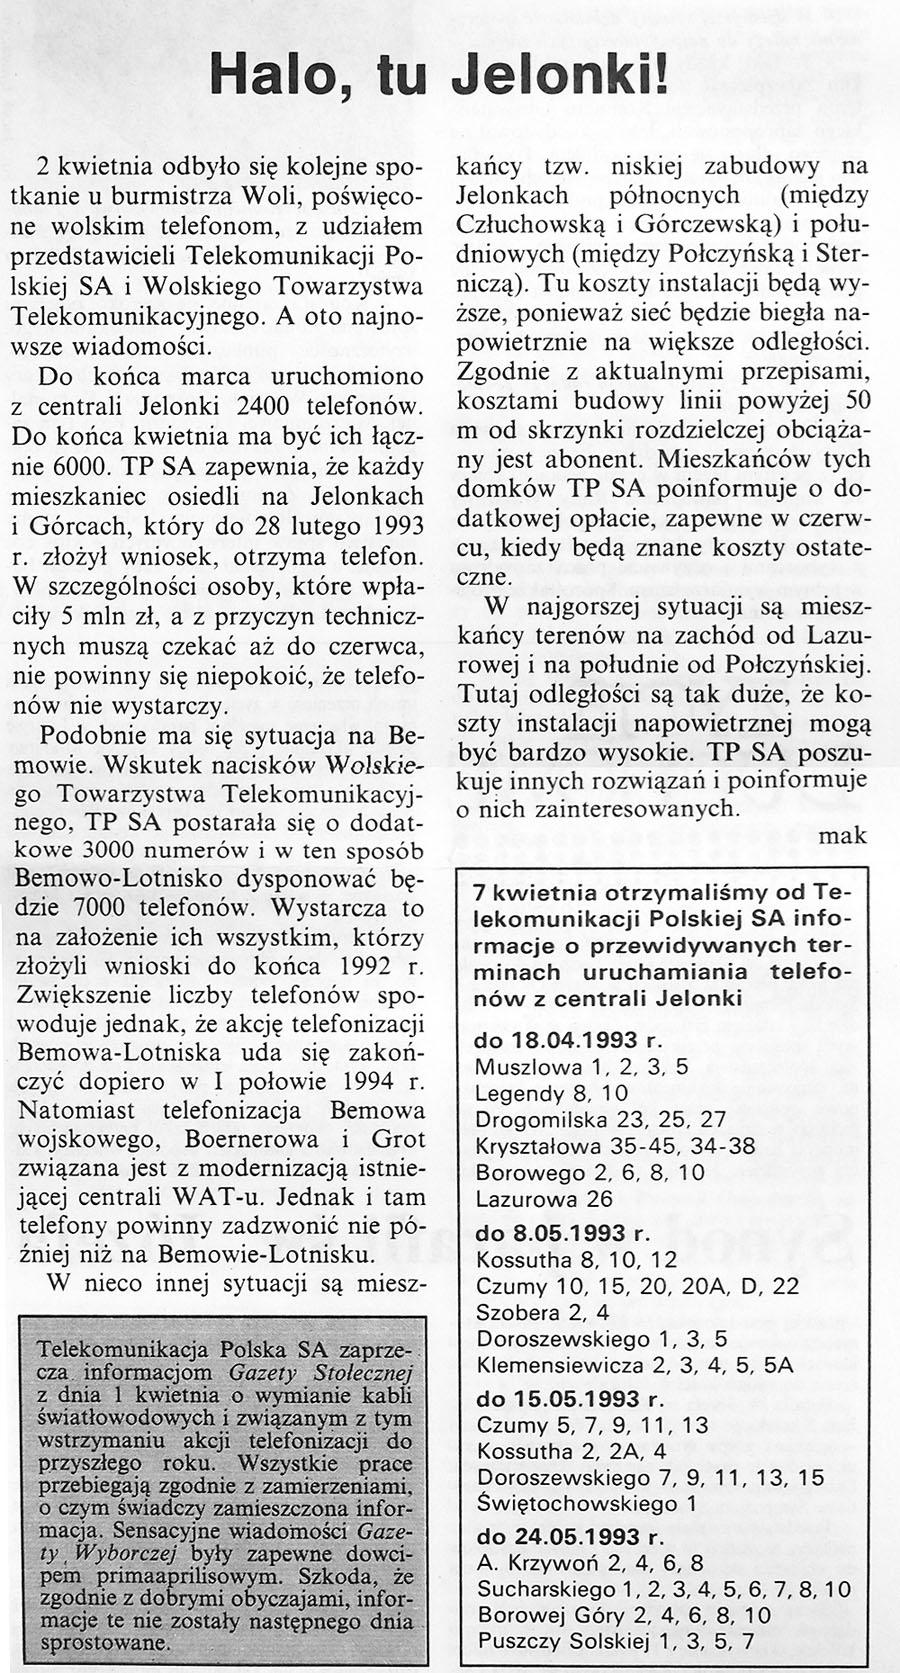 Kurier Wolski 9(12)/1992